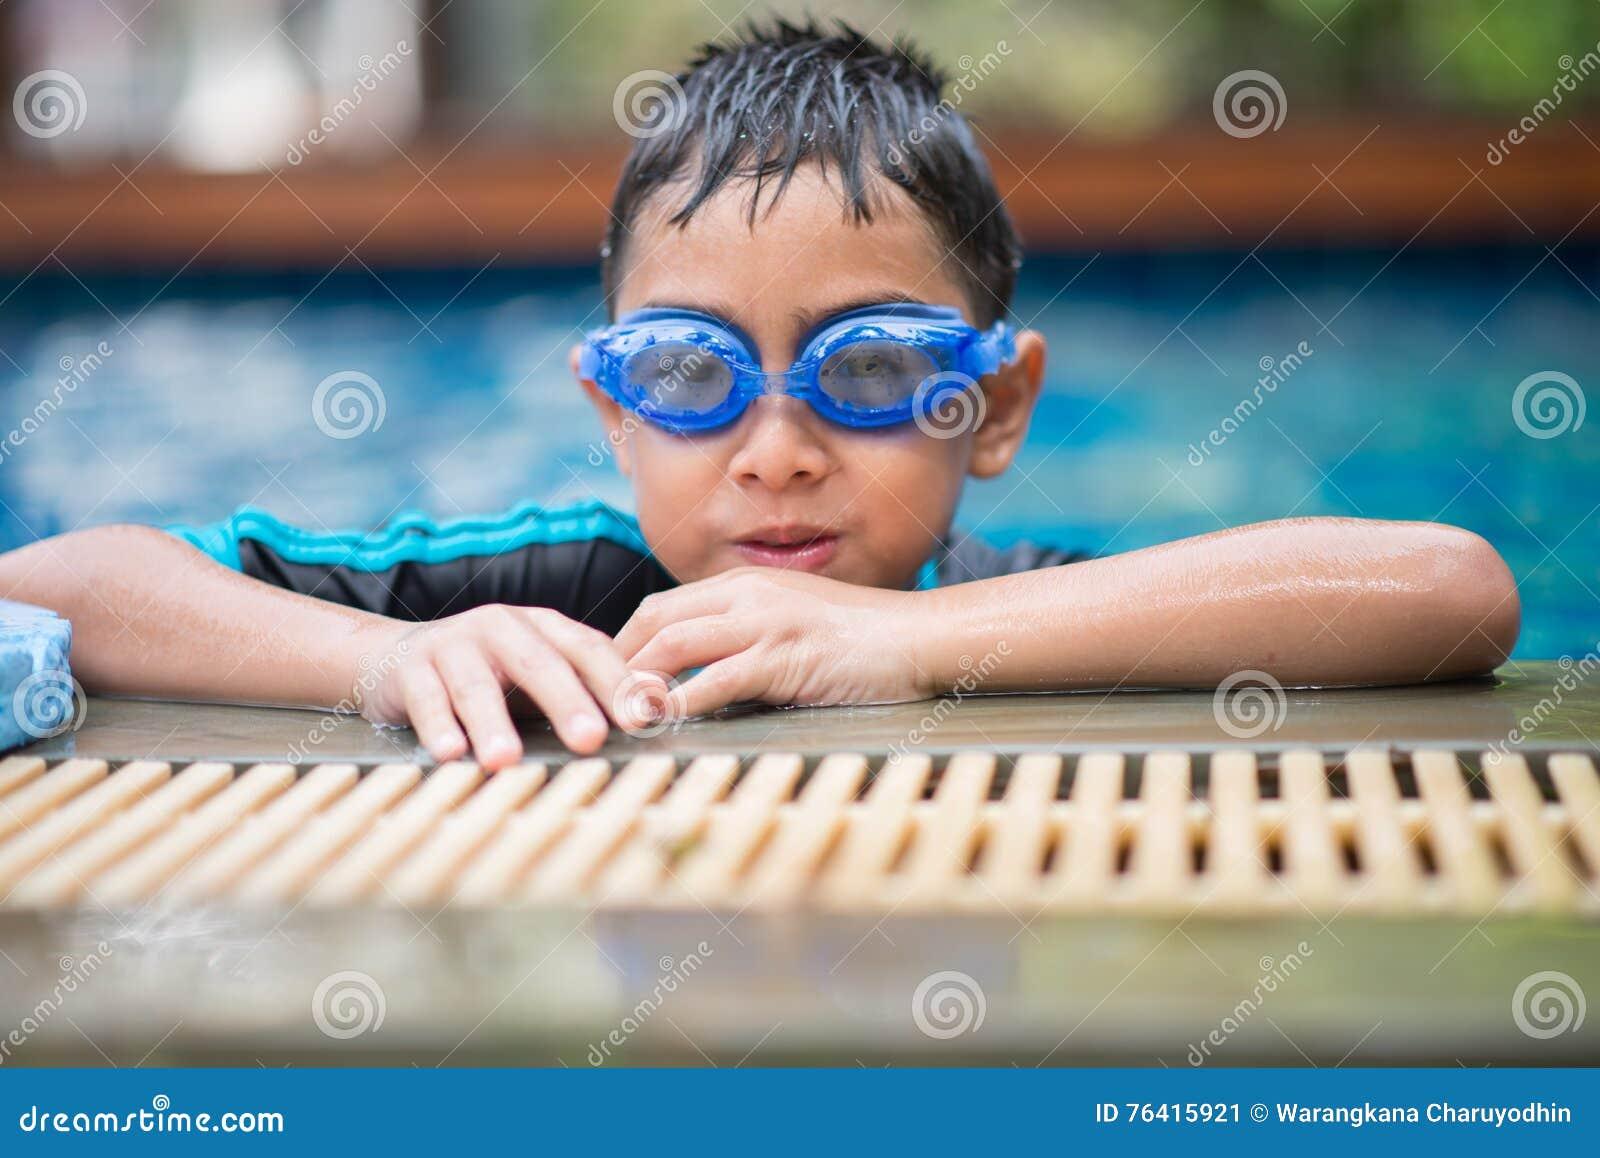 Weinig mengelings Aziatische Arabische jongen die bij zwembad openluchtactiviteit zwemmen